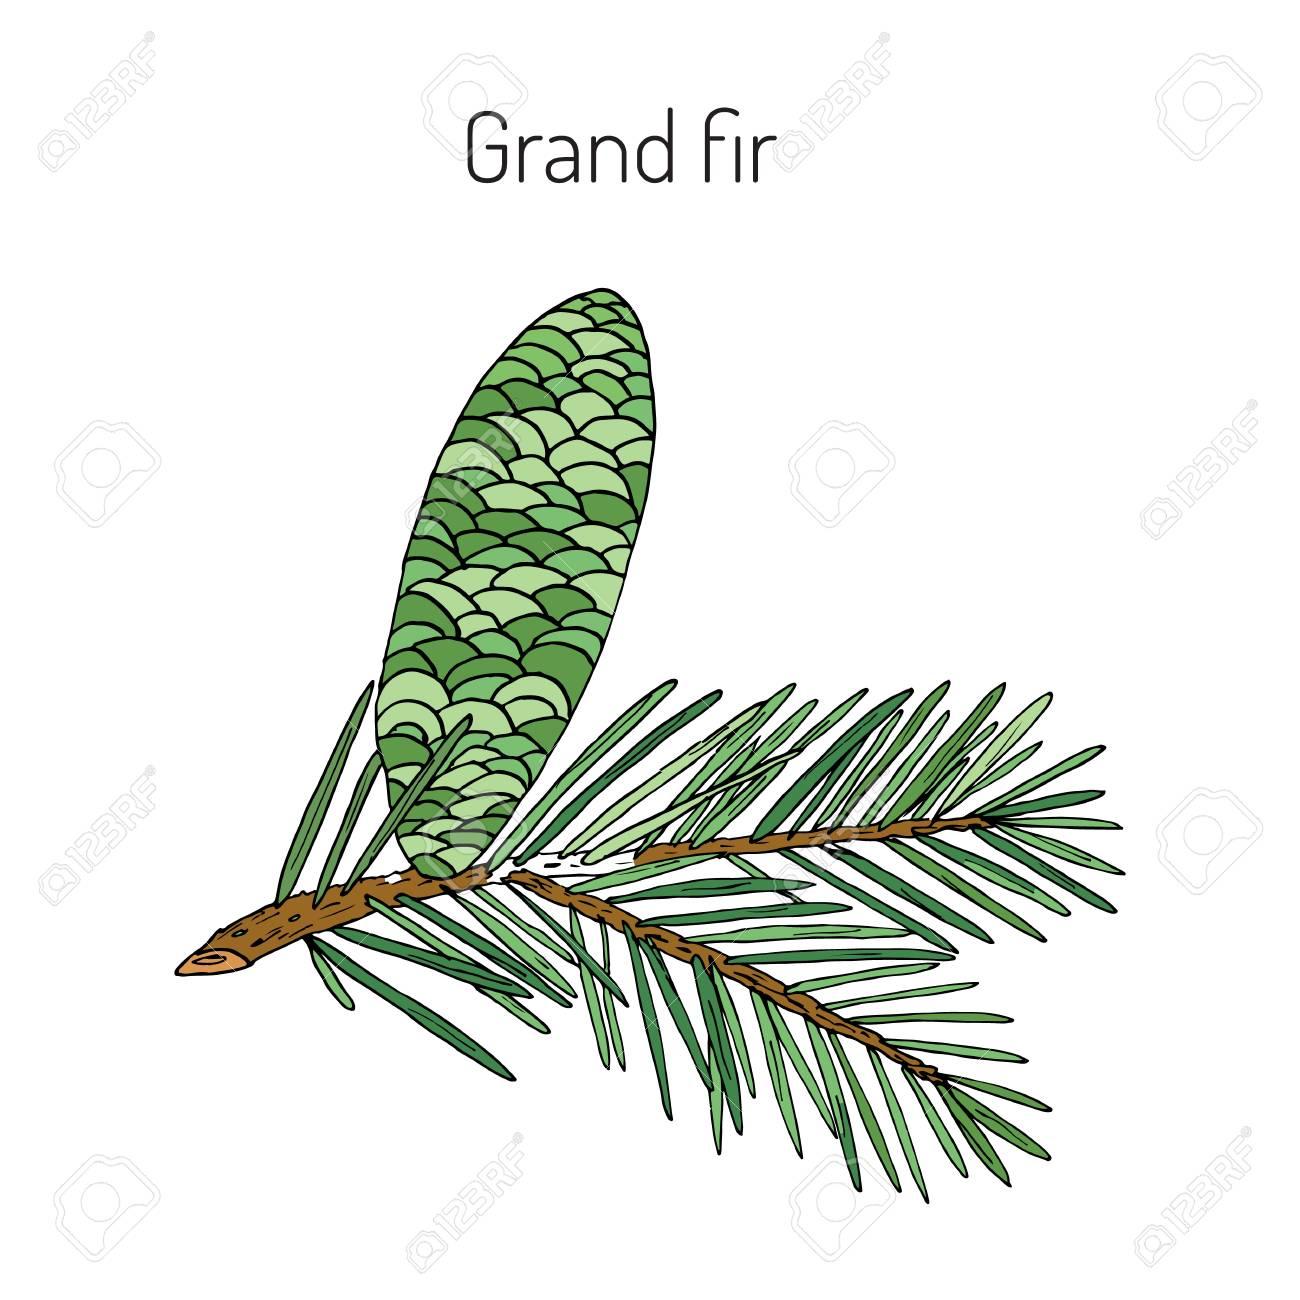 Great Silver Fir Or Grand Fir Abies Grandis Vector Illustration